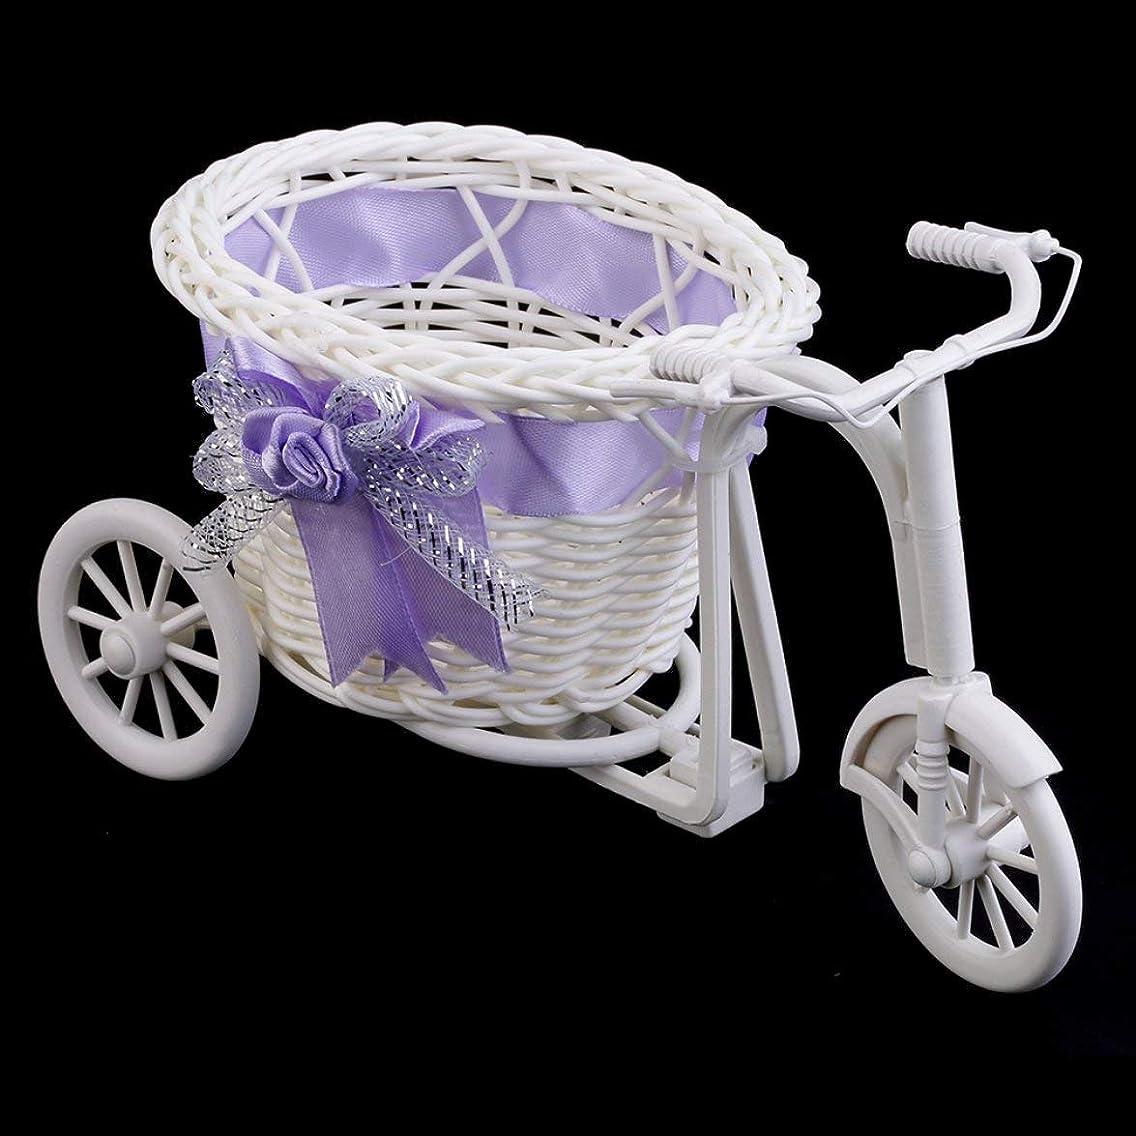 反対した法律によりノミネートTivollyff 籐三輪車自転車フラワーバスケットガーデンウェディングパーティーの装飾ミニユーティリティカートの贈り物としてプラスチックオフィスの寝室